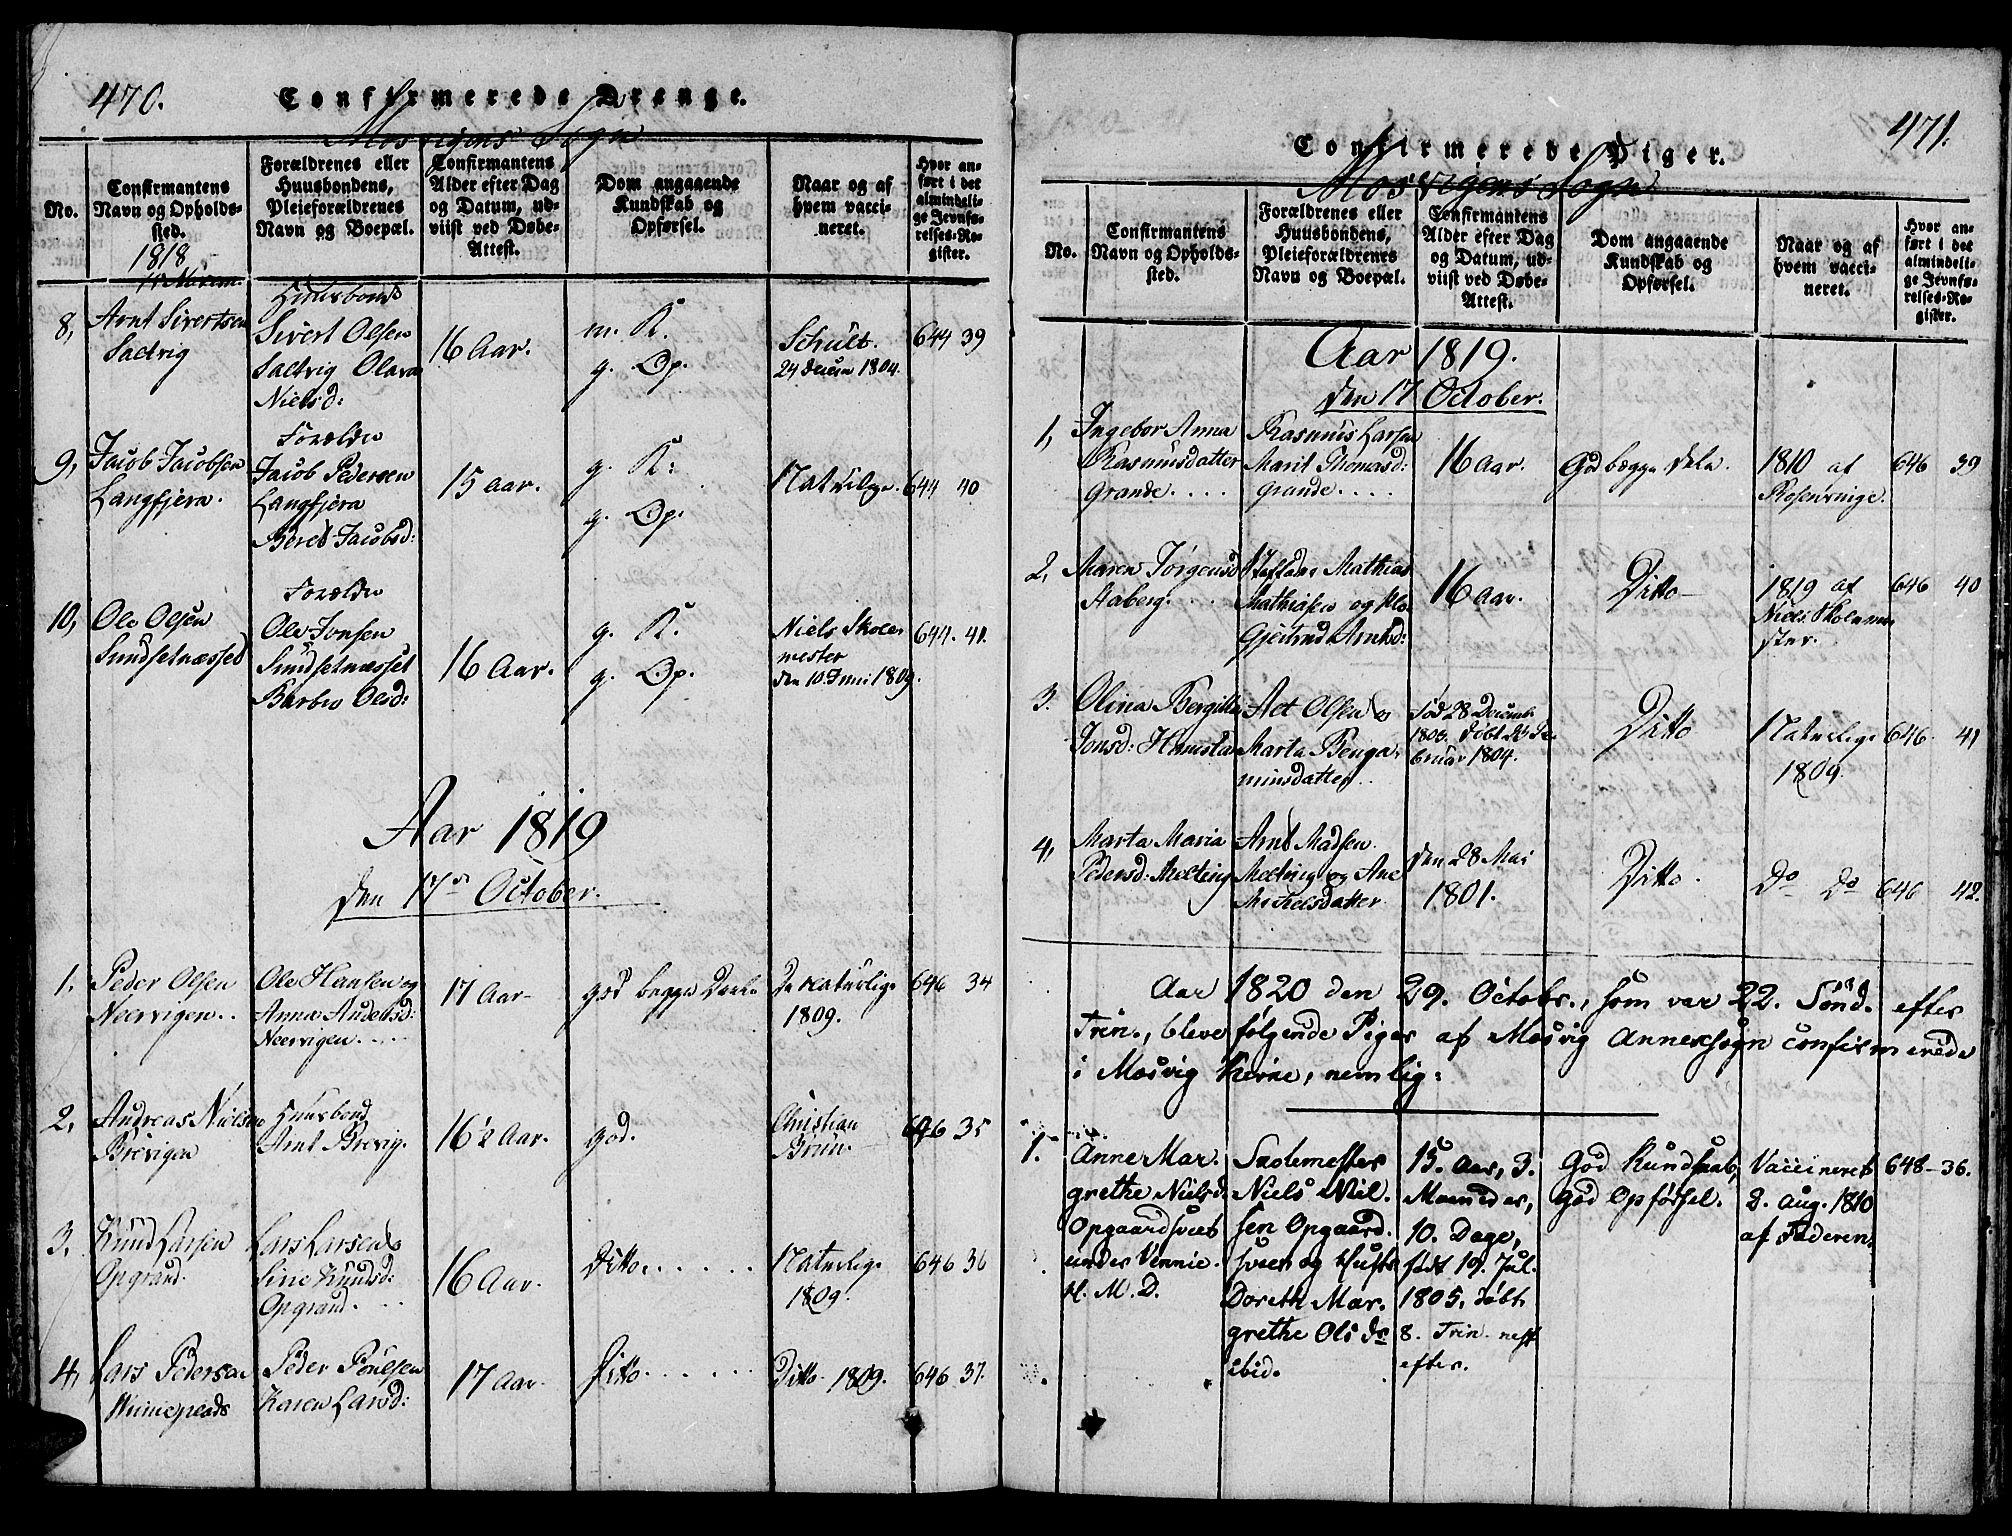 SAT, Ministerialprotokoller, klokkerbøker og fødselsregistre - Nord-Trøndelag, 733/L0322: Ministerialbok nr. 733A01, 1817-1842, s. 470-471